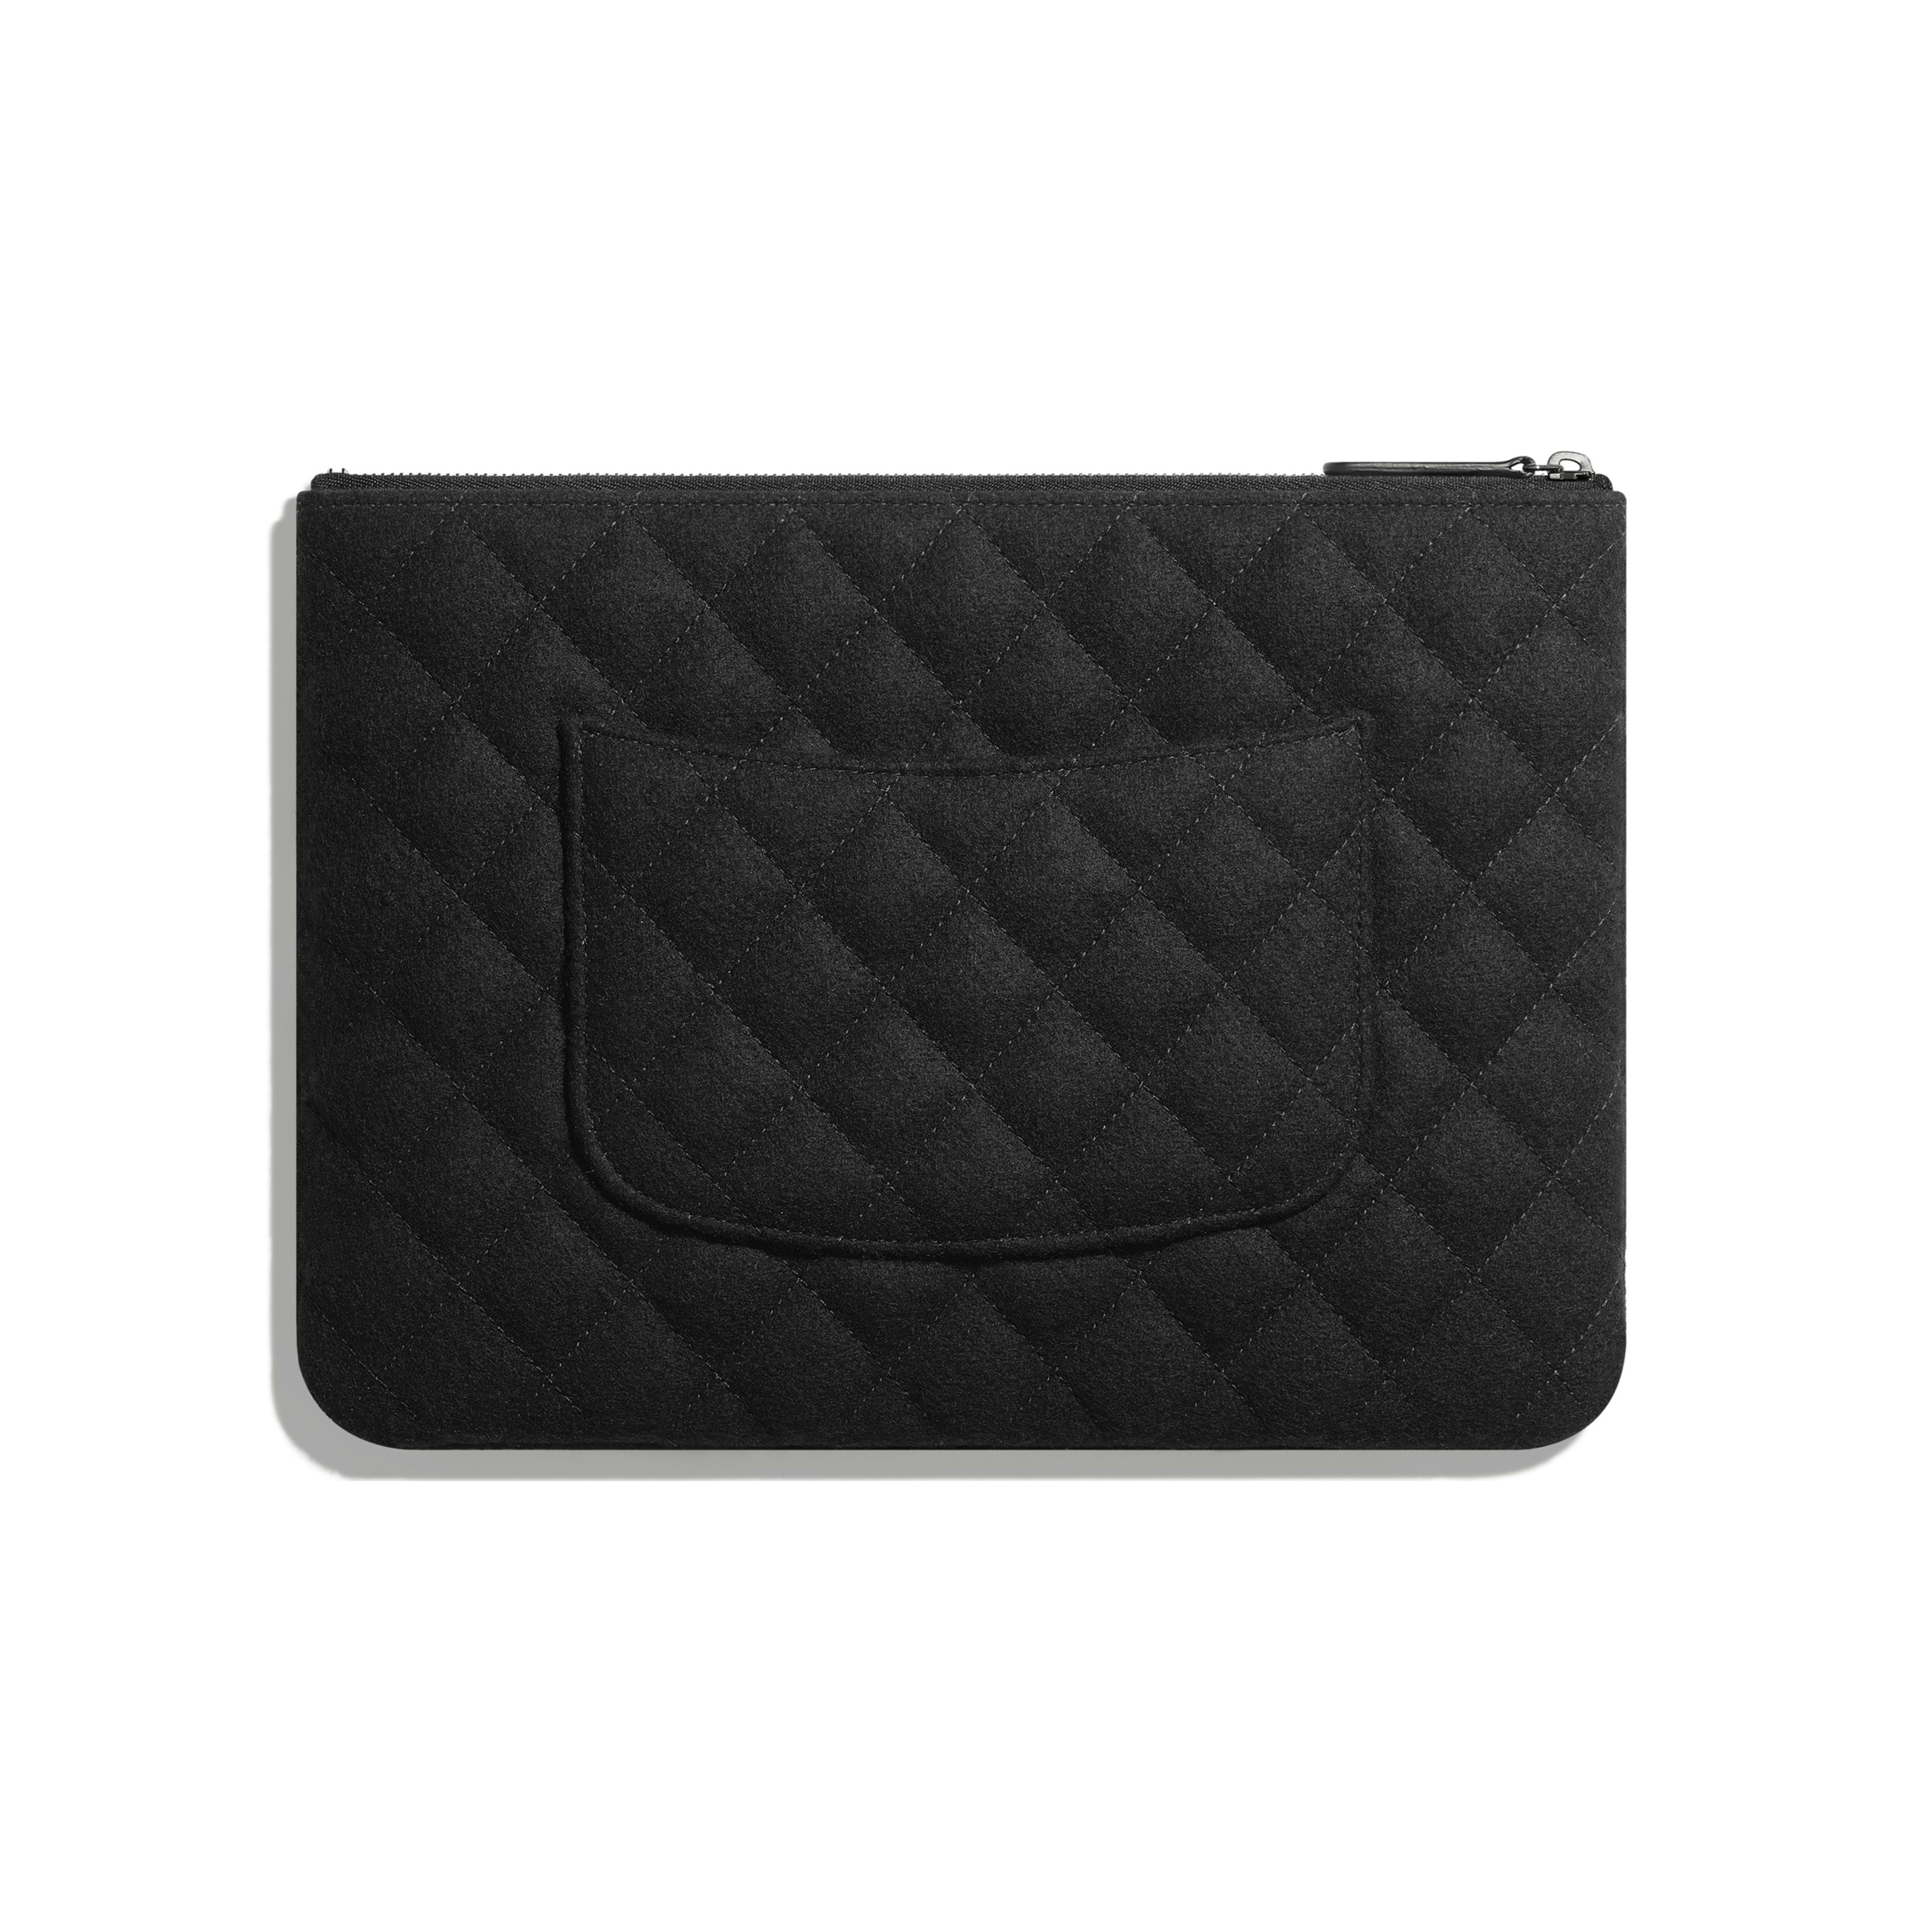 กระเป๋าเพาช์ - สีเงินและสีดำ - เลื่อม ใยขนแกะ และโลหะเคลือบรูทีเนียม - มุมมองทางอื่น - ดูเวอร์ชันขนาดเต็ม